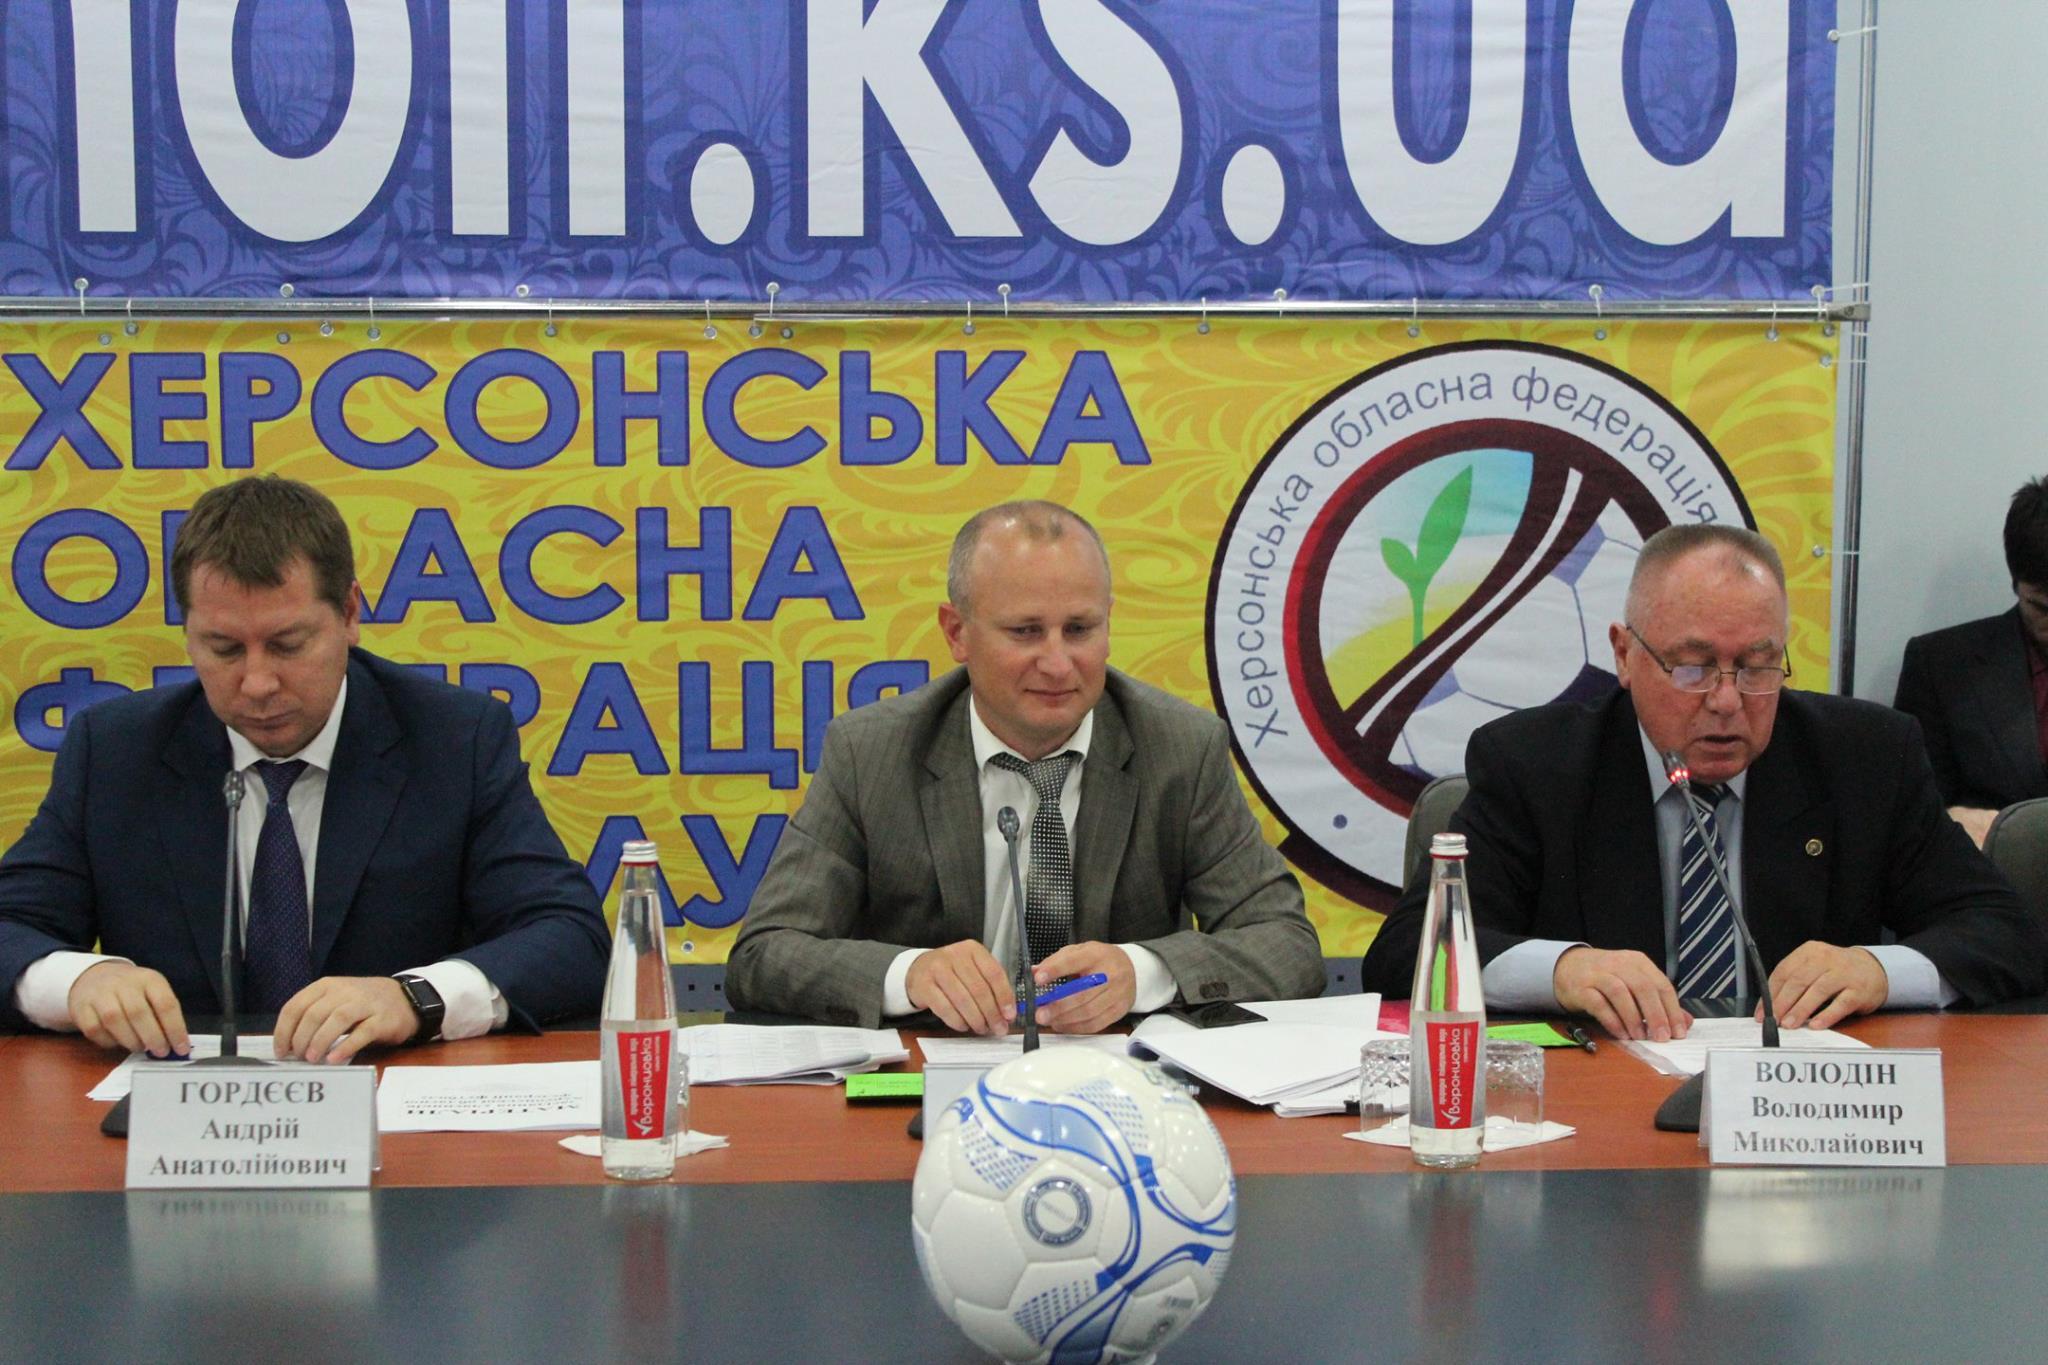 Наступного тижня відбудеться організаційне зібрання з представниками районних асоціацій футболу та представниками команд Херсонської області.